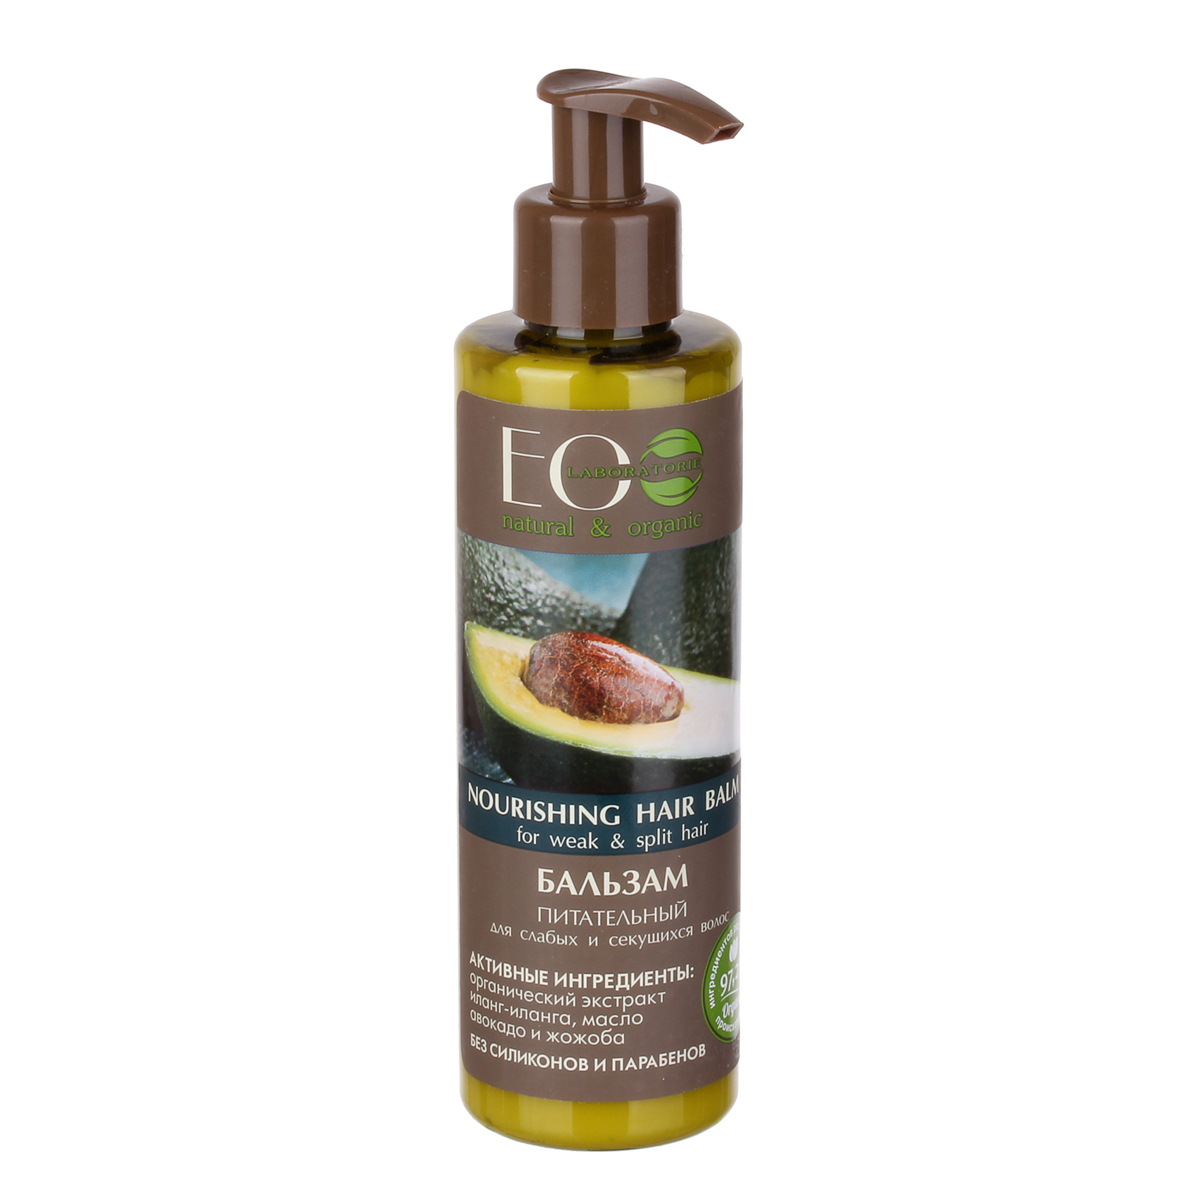 EcoLab ЭкоЛаб Бальзам Питательный 200 млFS-00897Бережно ухаживает за волосами, предотвращая ломкость и спутывание, разглаживает их по всей длине, облегчат расчёсывание и укладку. Защищает от вредного воздействия окружающей среды.Активные ингредиенты: масло авокадо, органический экстракт иланг-иланга, масло жожоба.